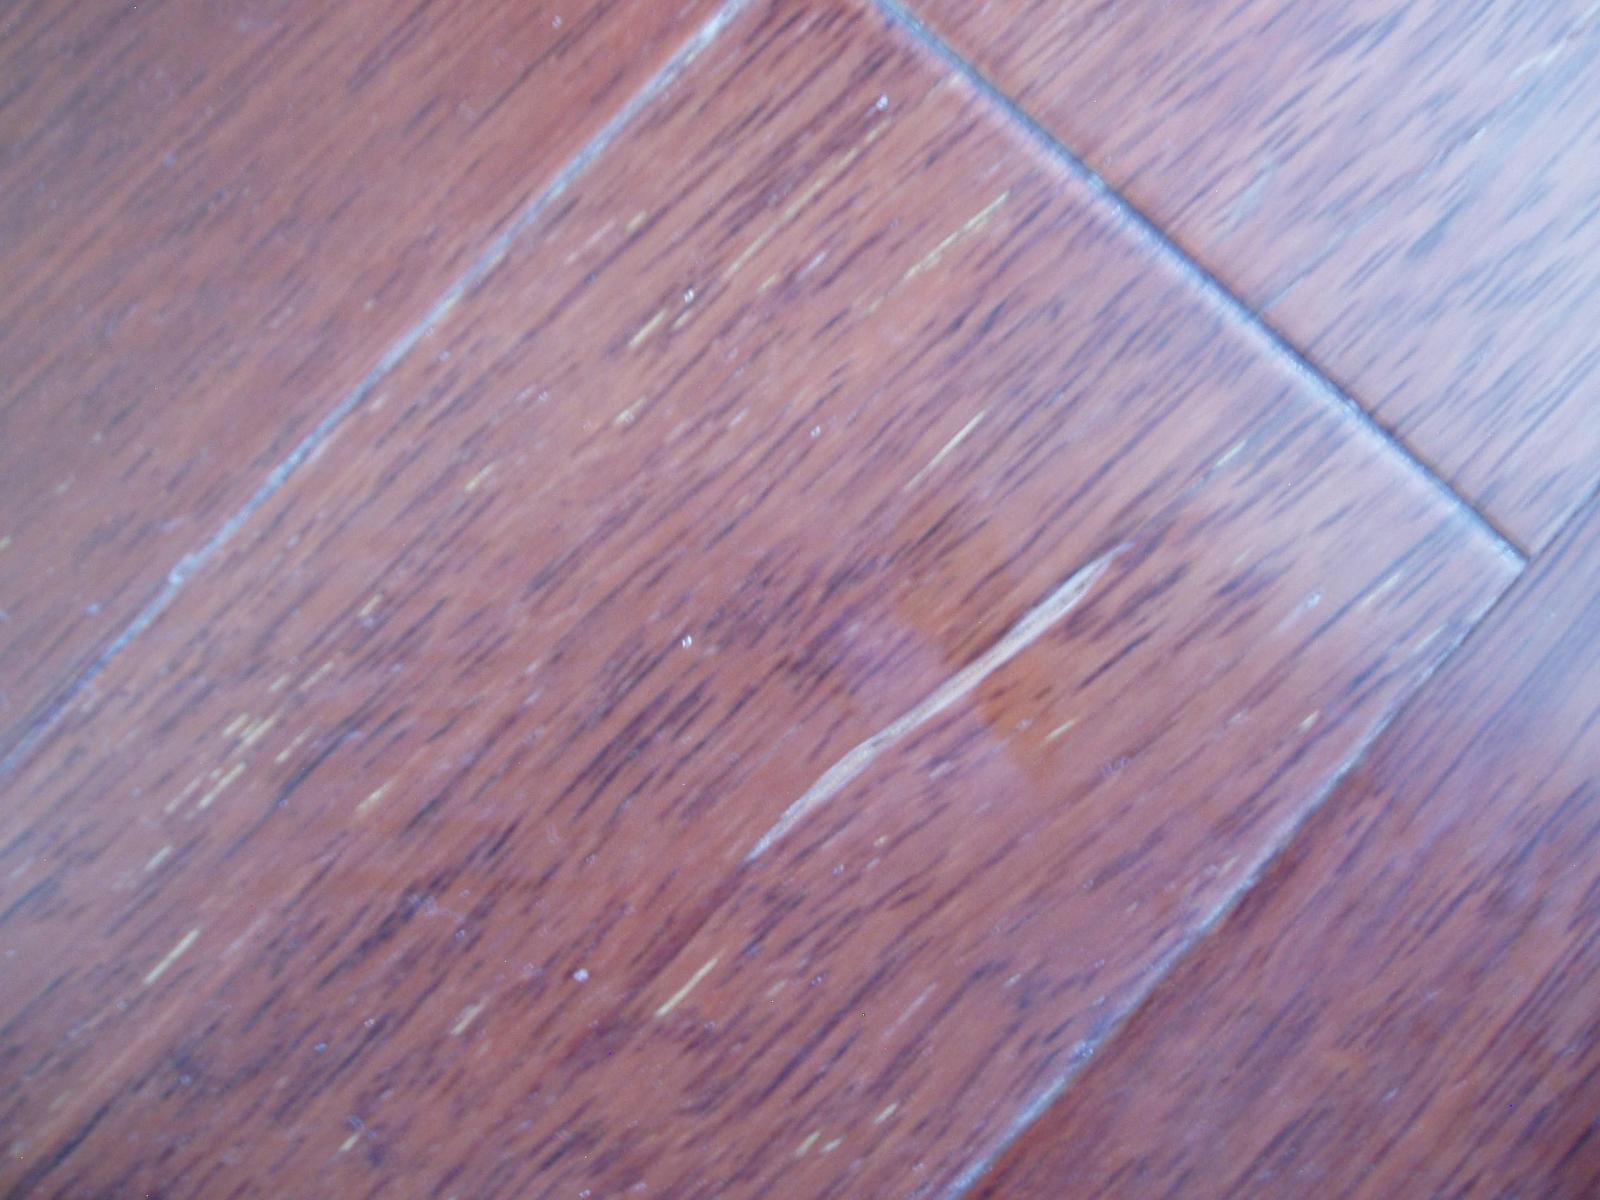 木地板开裂怎么办_木地板开裂如何处理